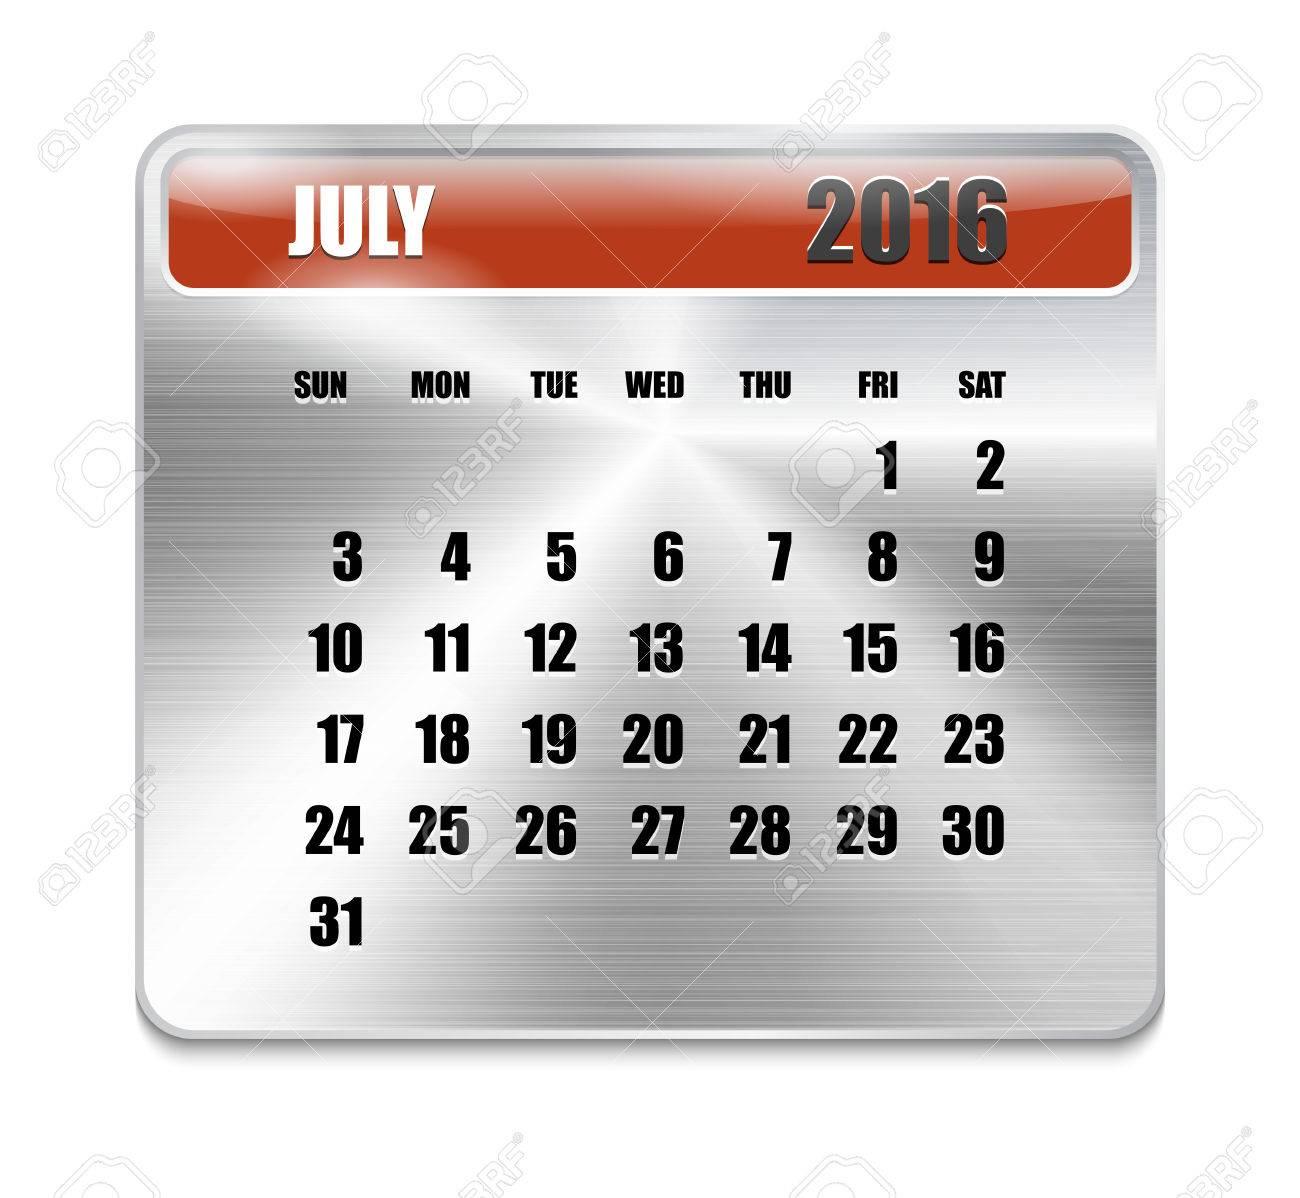 Calendario Per Sito Web.Calendario Mensile Per Luglio 2016 Sul Piastra Metallica Vacanze Arancio Puo Essere Usato Per I Calendari Di Lavoro E Uffici Sito Web Design